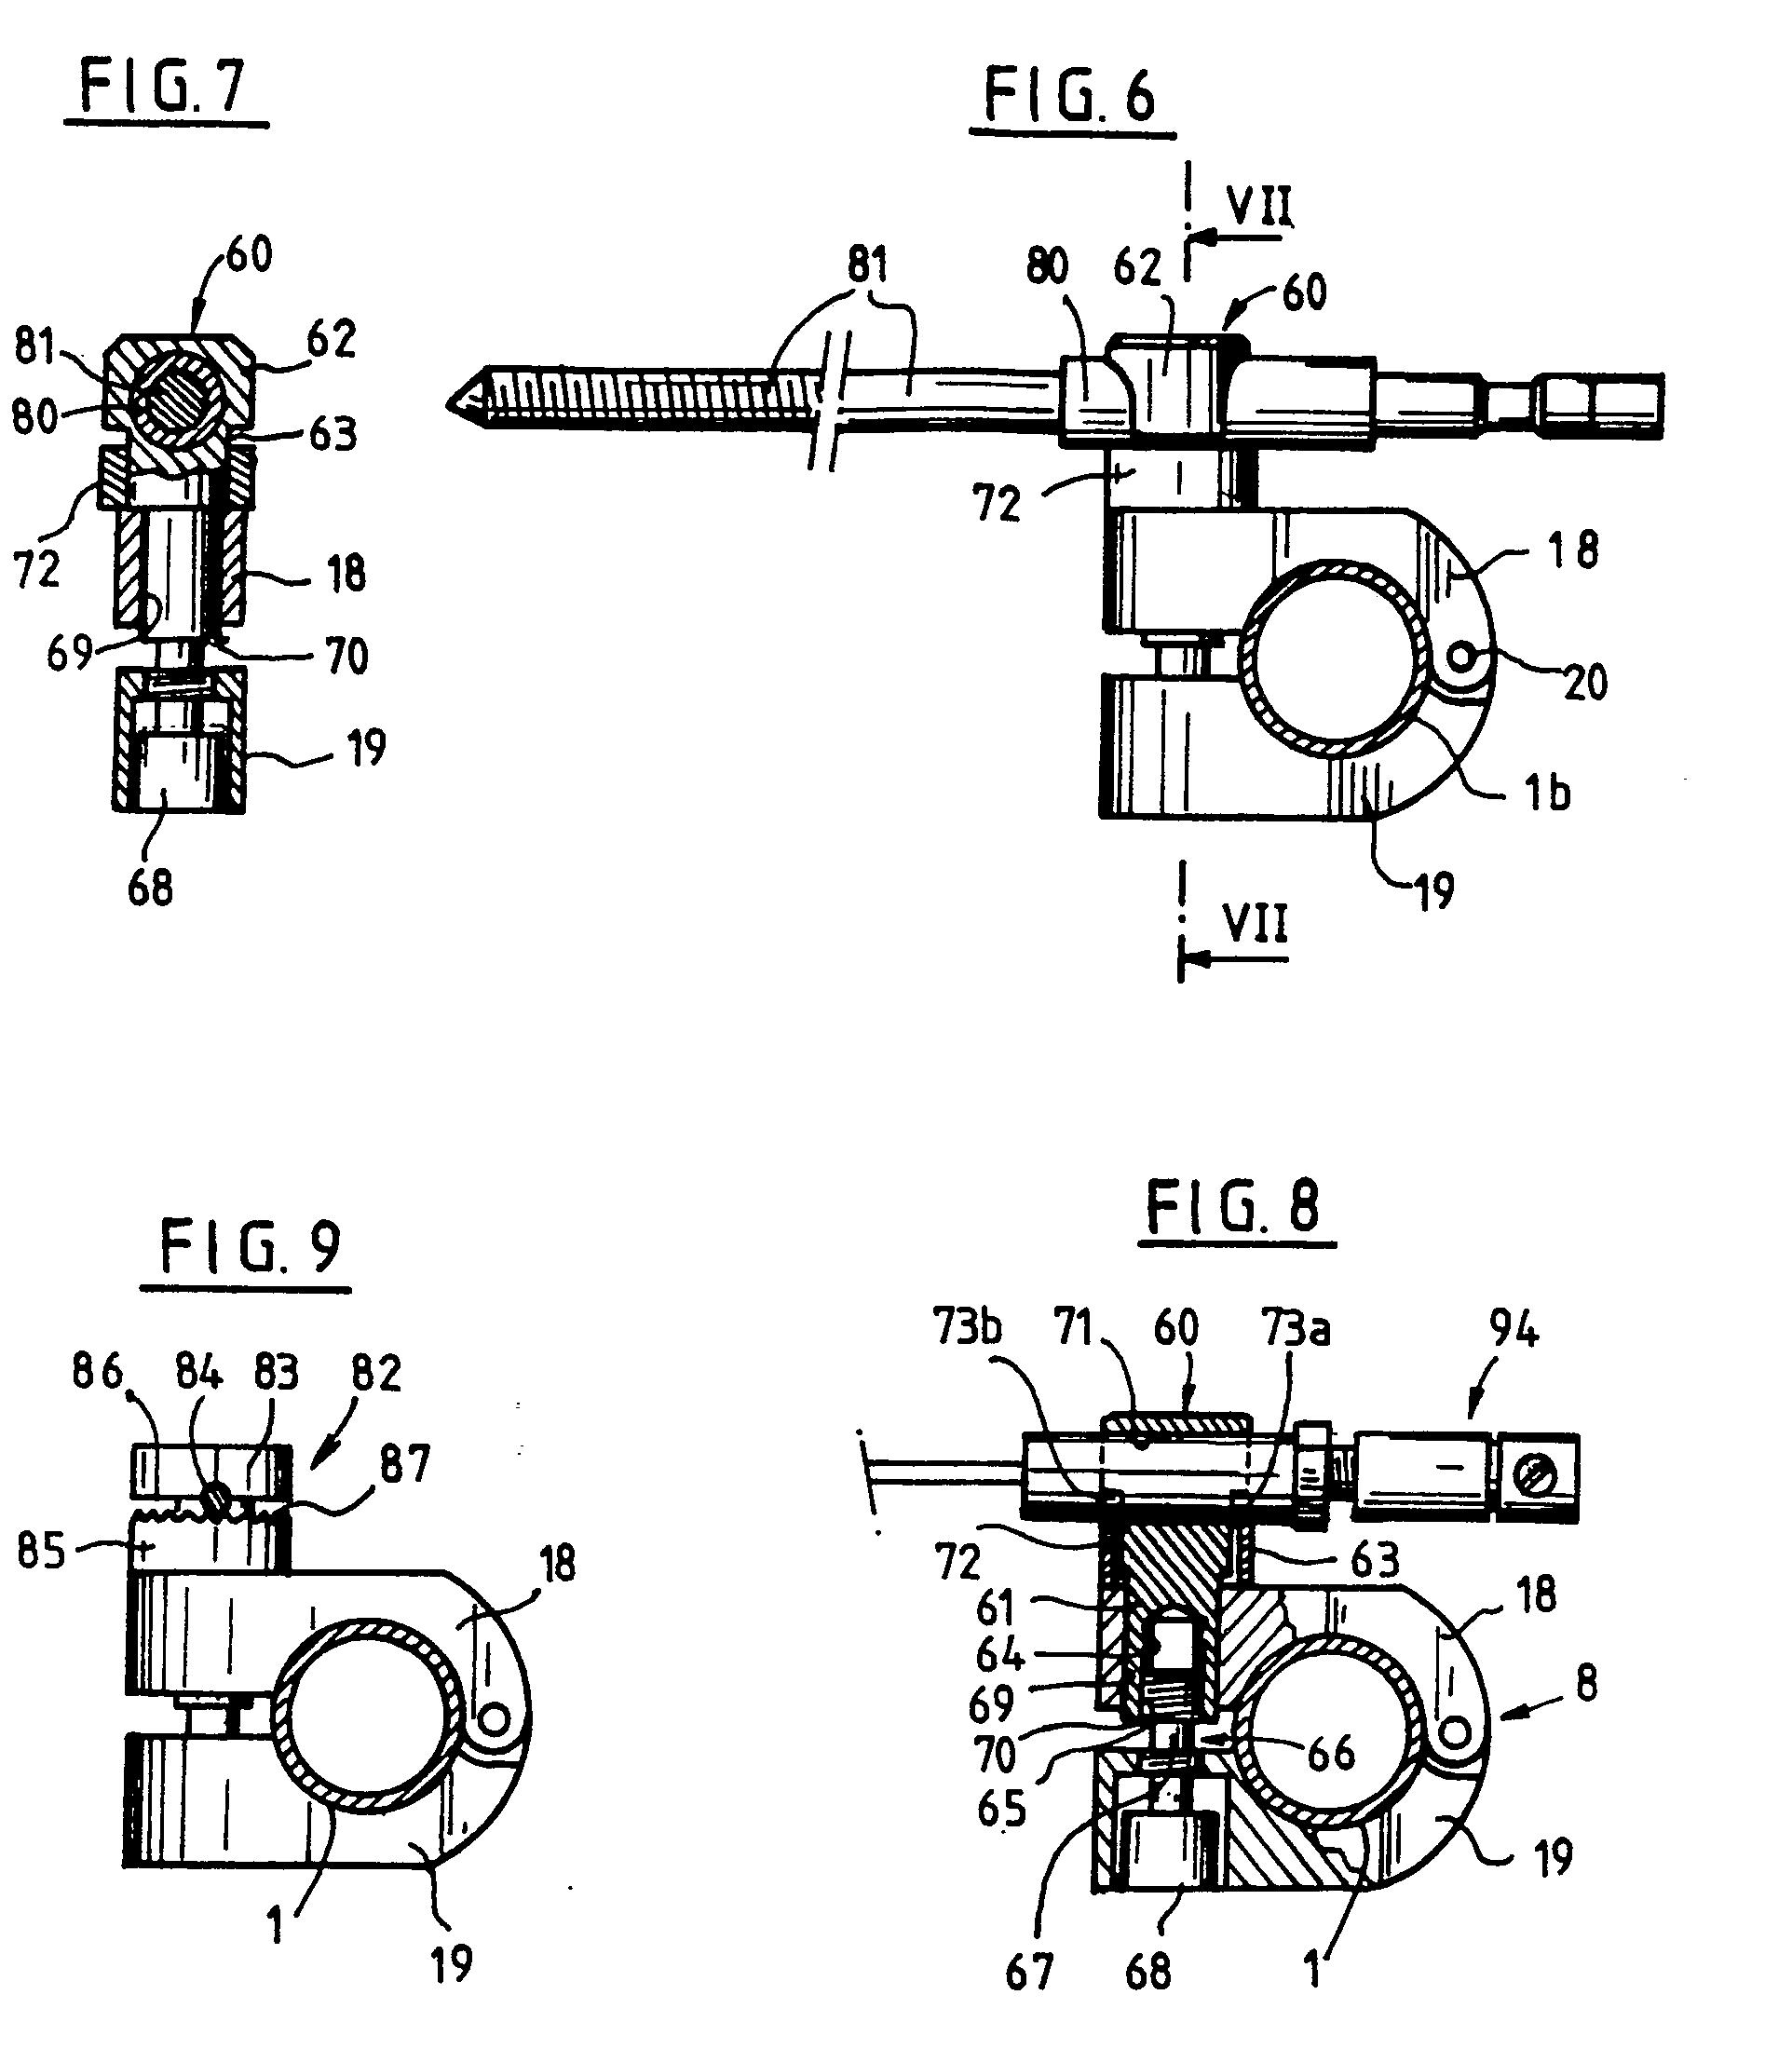 patent ep0194187b1 - dispositif de fixateur externe  u00e0 usage orthop u00e9dique